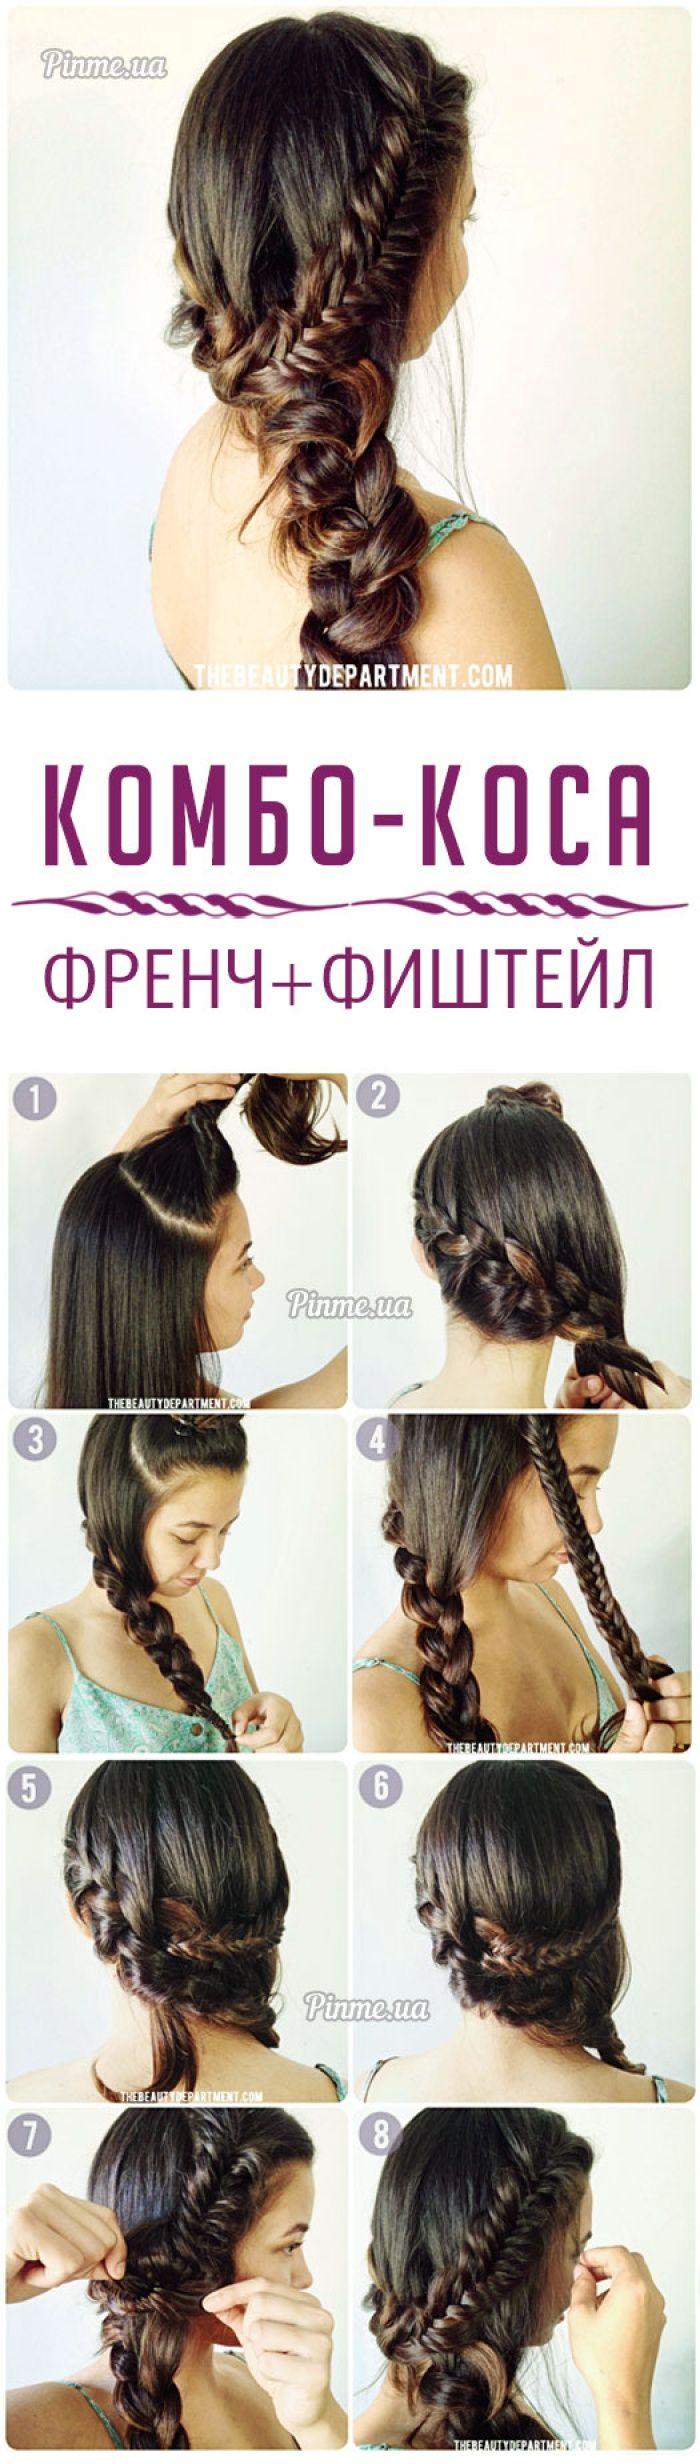 Французская коса + Рыбий хвост (видео-урок + инструкция)